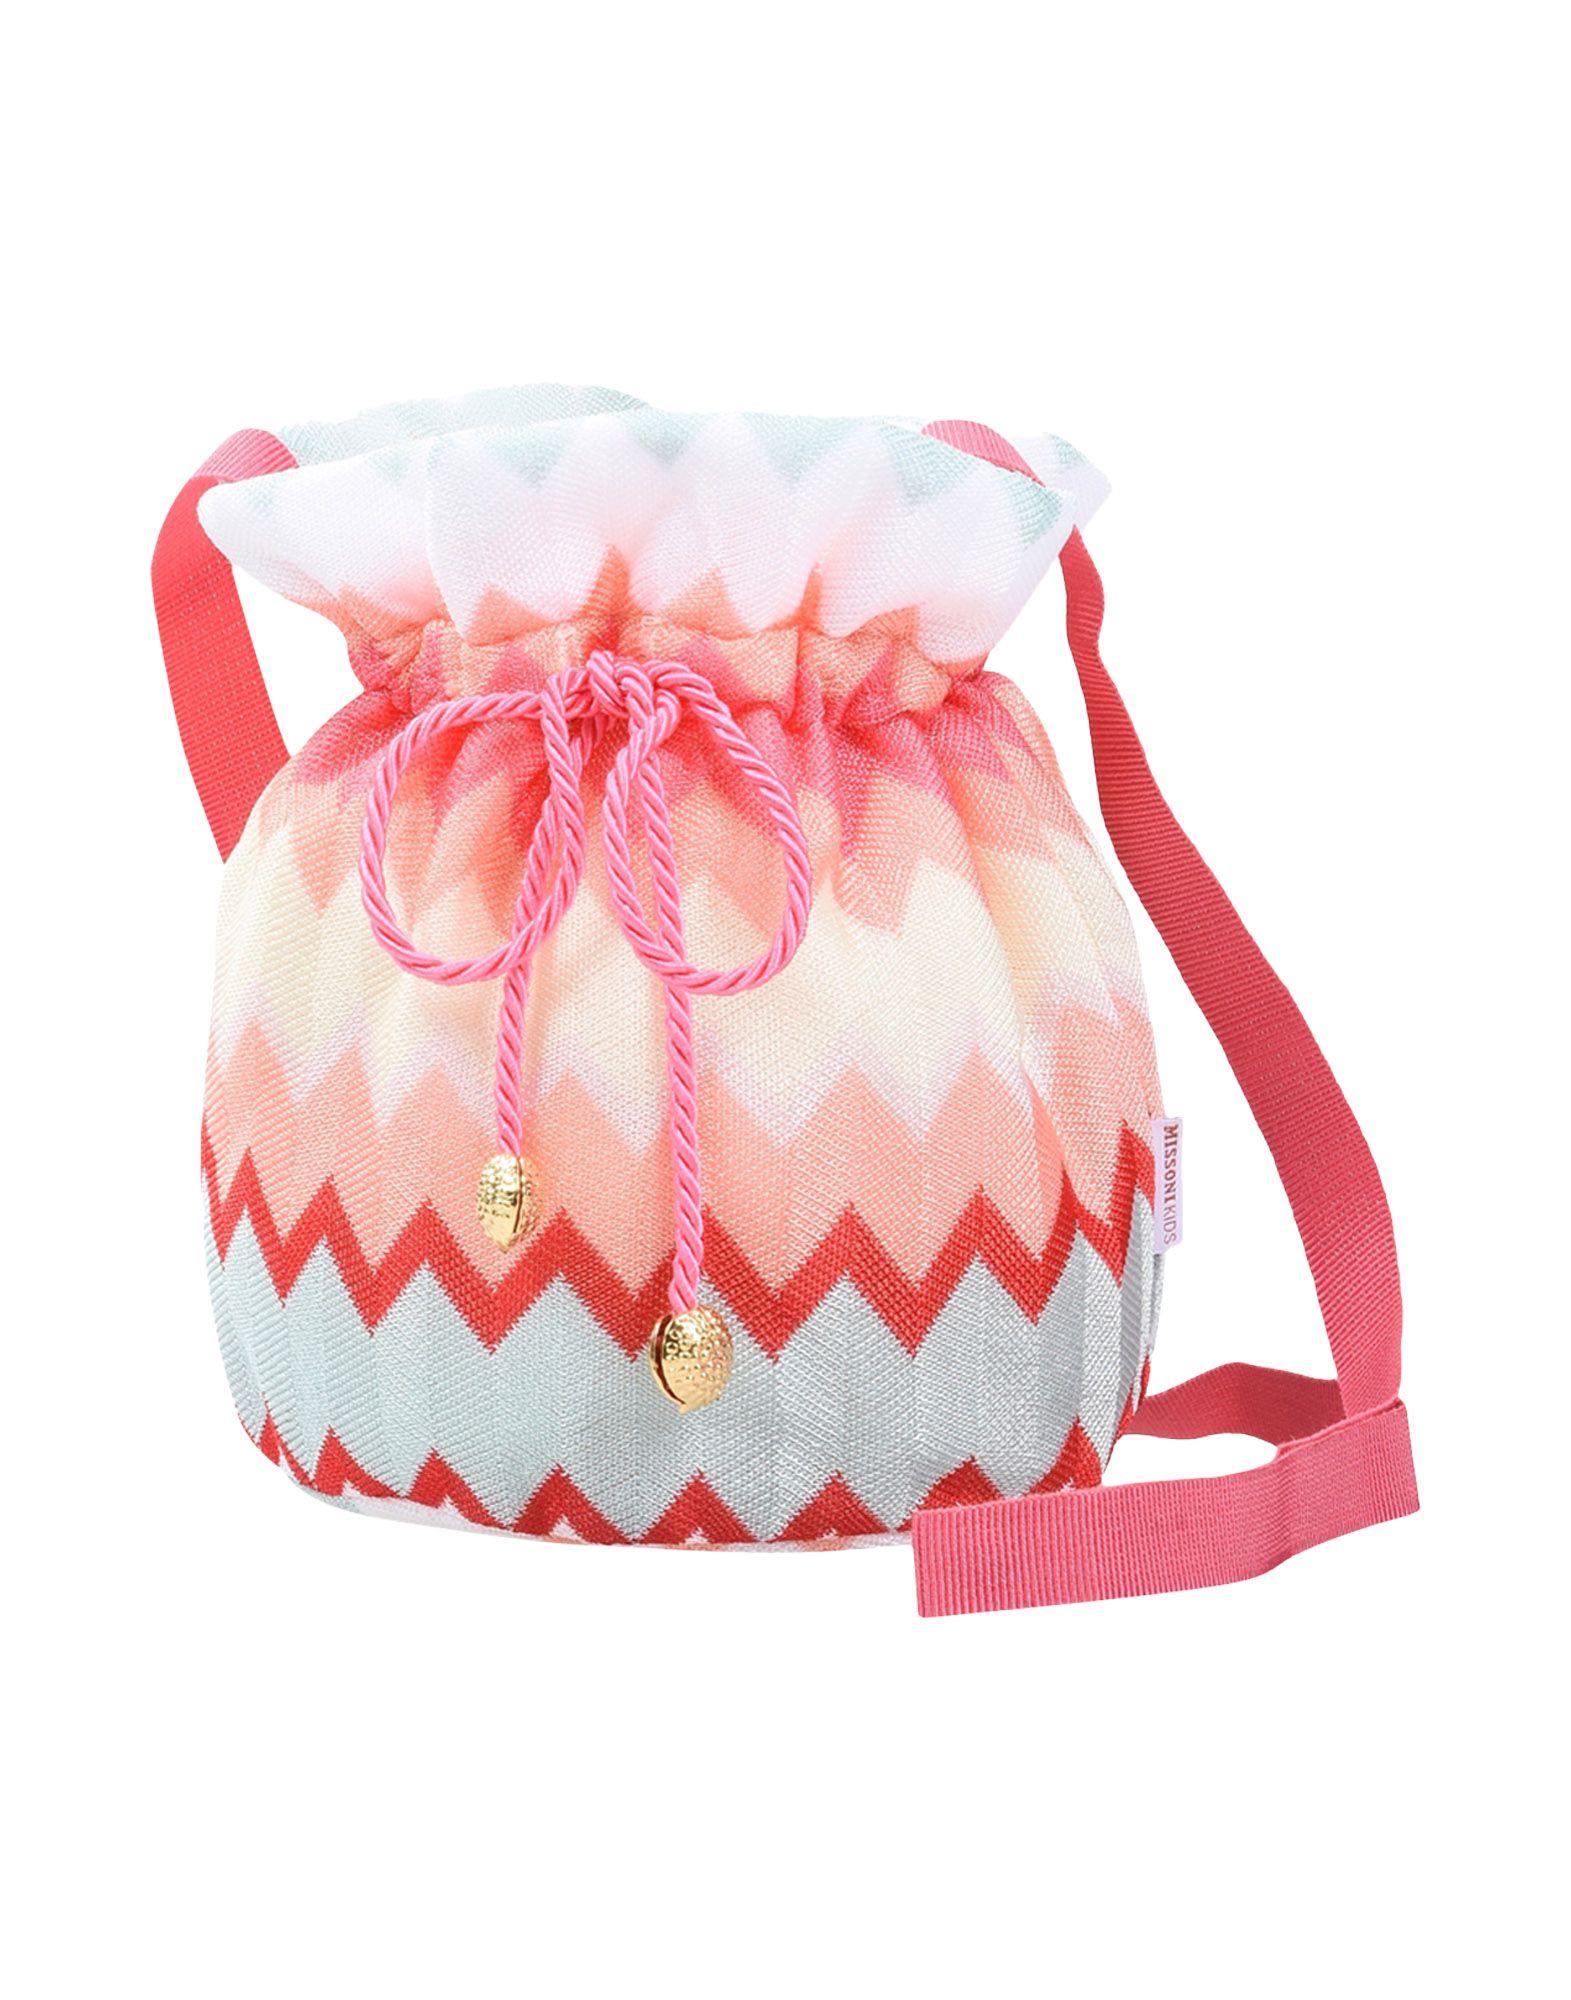 MISSONI KIDS Сумка через плечо tia в европе и одно плечо диагональ малый мешок 2015 новый винтаж летучая мышь сумка сумочка красные крылья волны